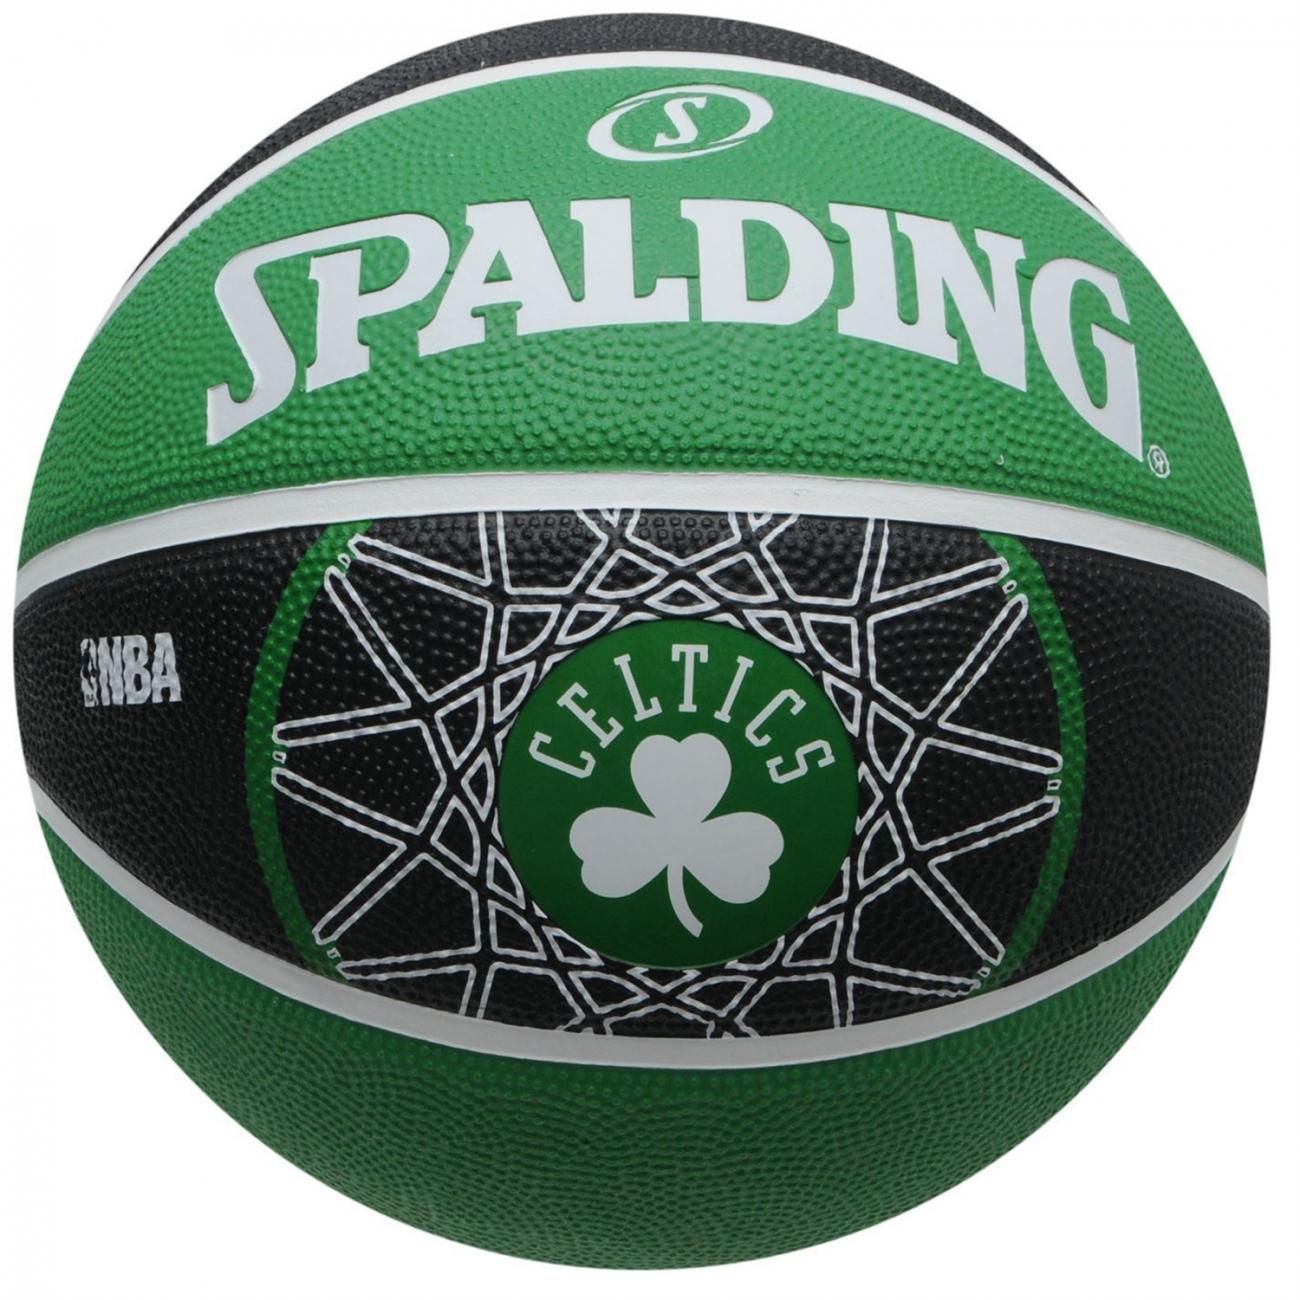 Ballon Basket Team SPALDING Boston Celtics - Taille 7